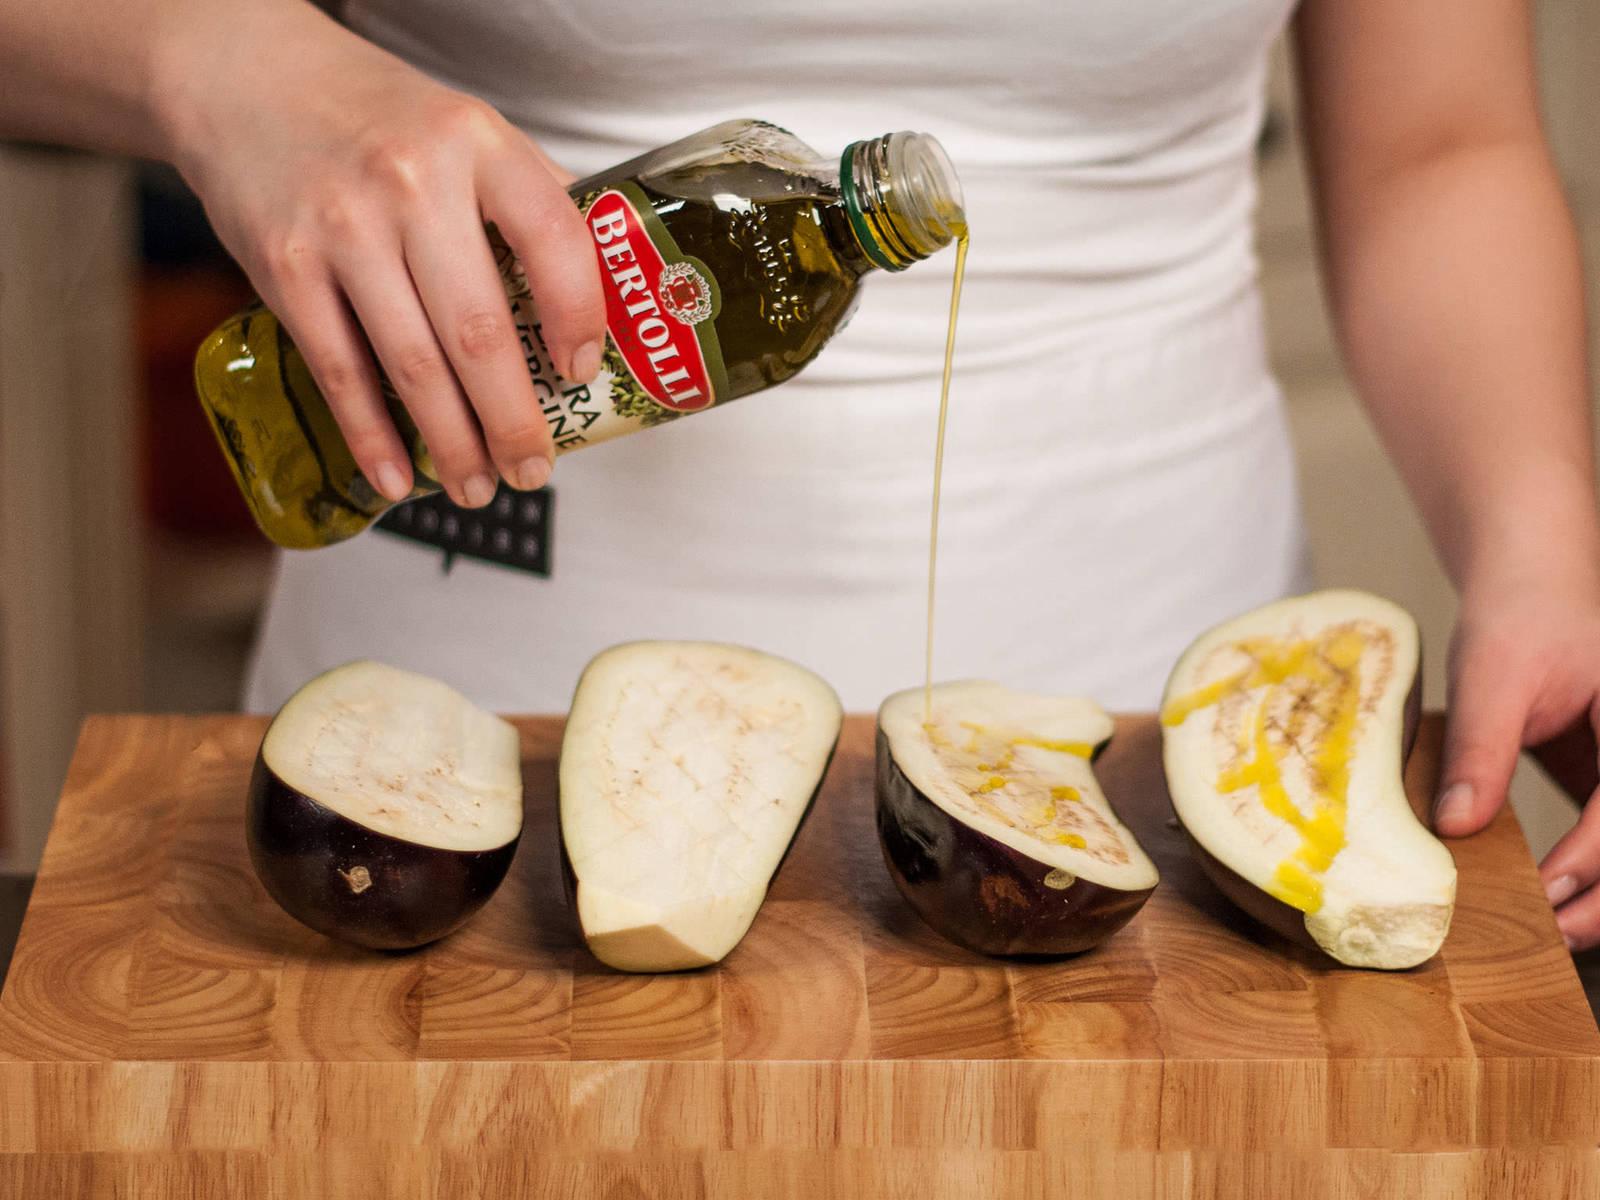 烤箱预热至200摄氏度。将茄子纵向切成两半,再横向划几刀,在上面淋些橄榄油,烤30-40分钟至茄子变软,冷却备用。